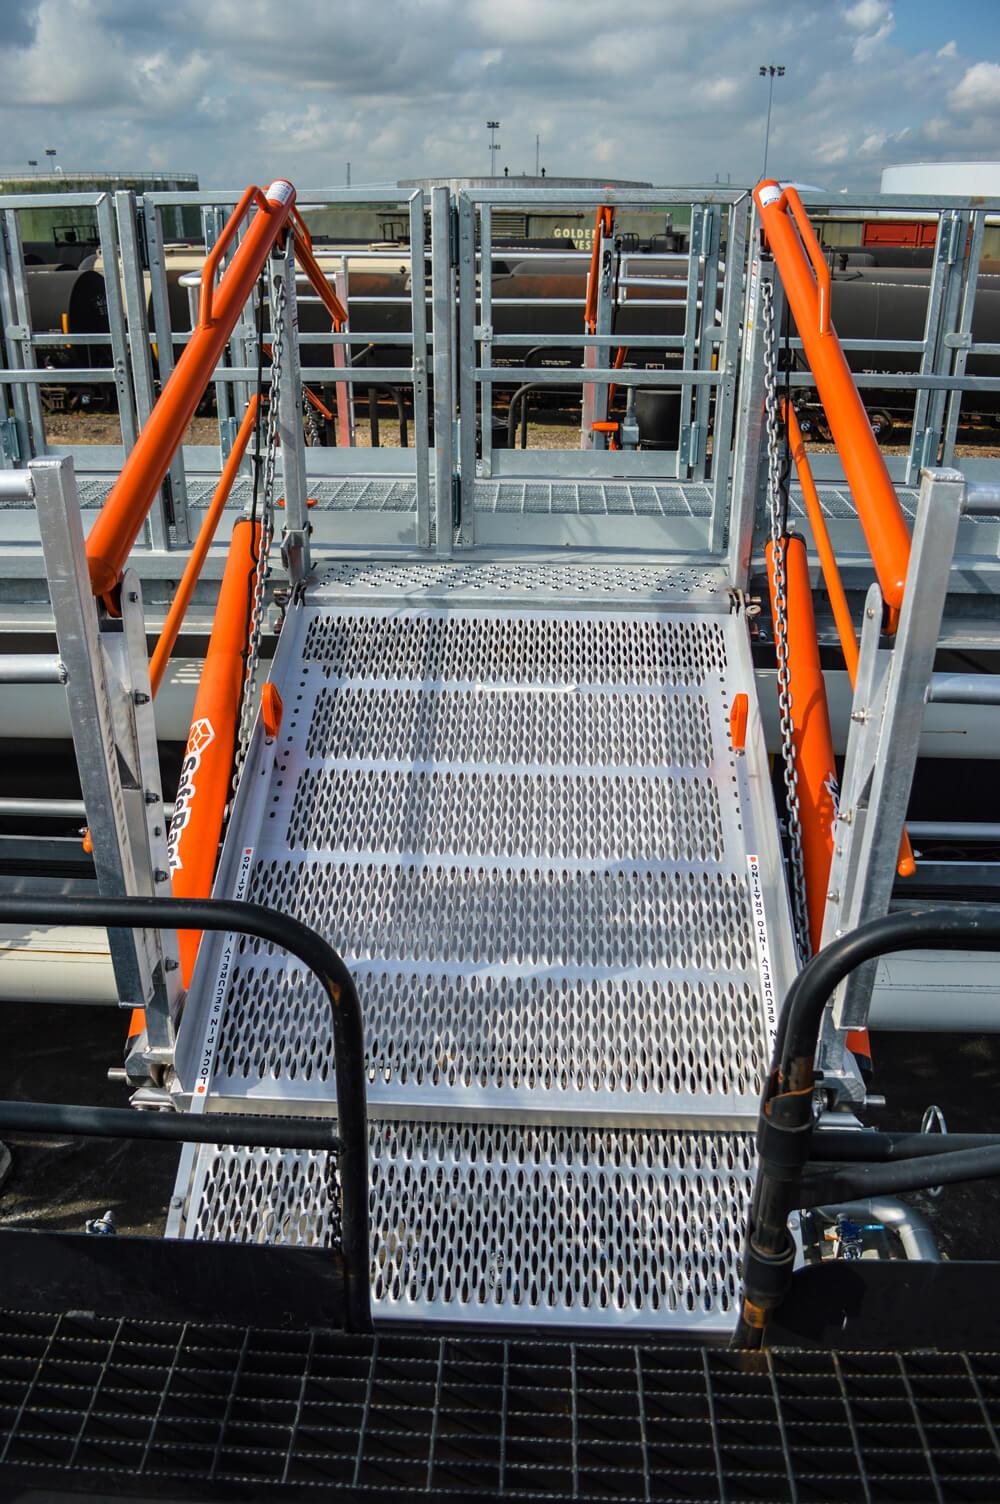 Railcar Loading Ramp Gangway System